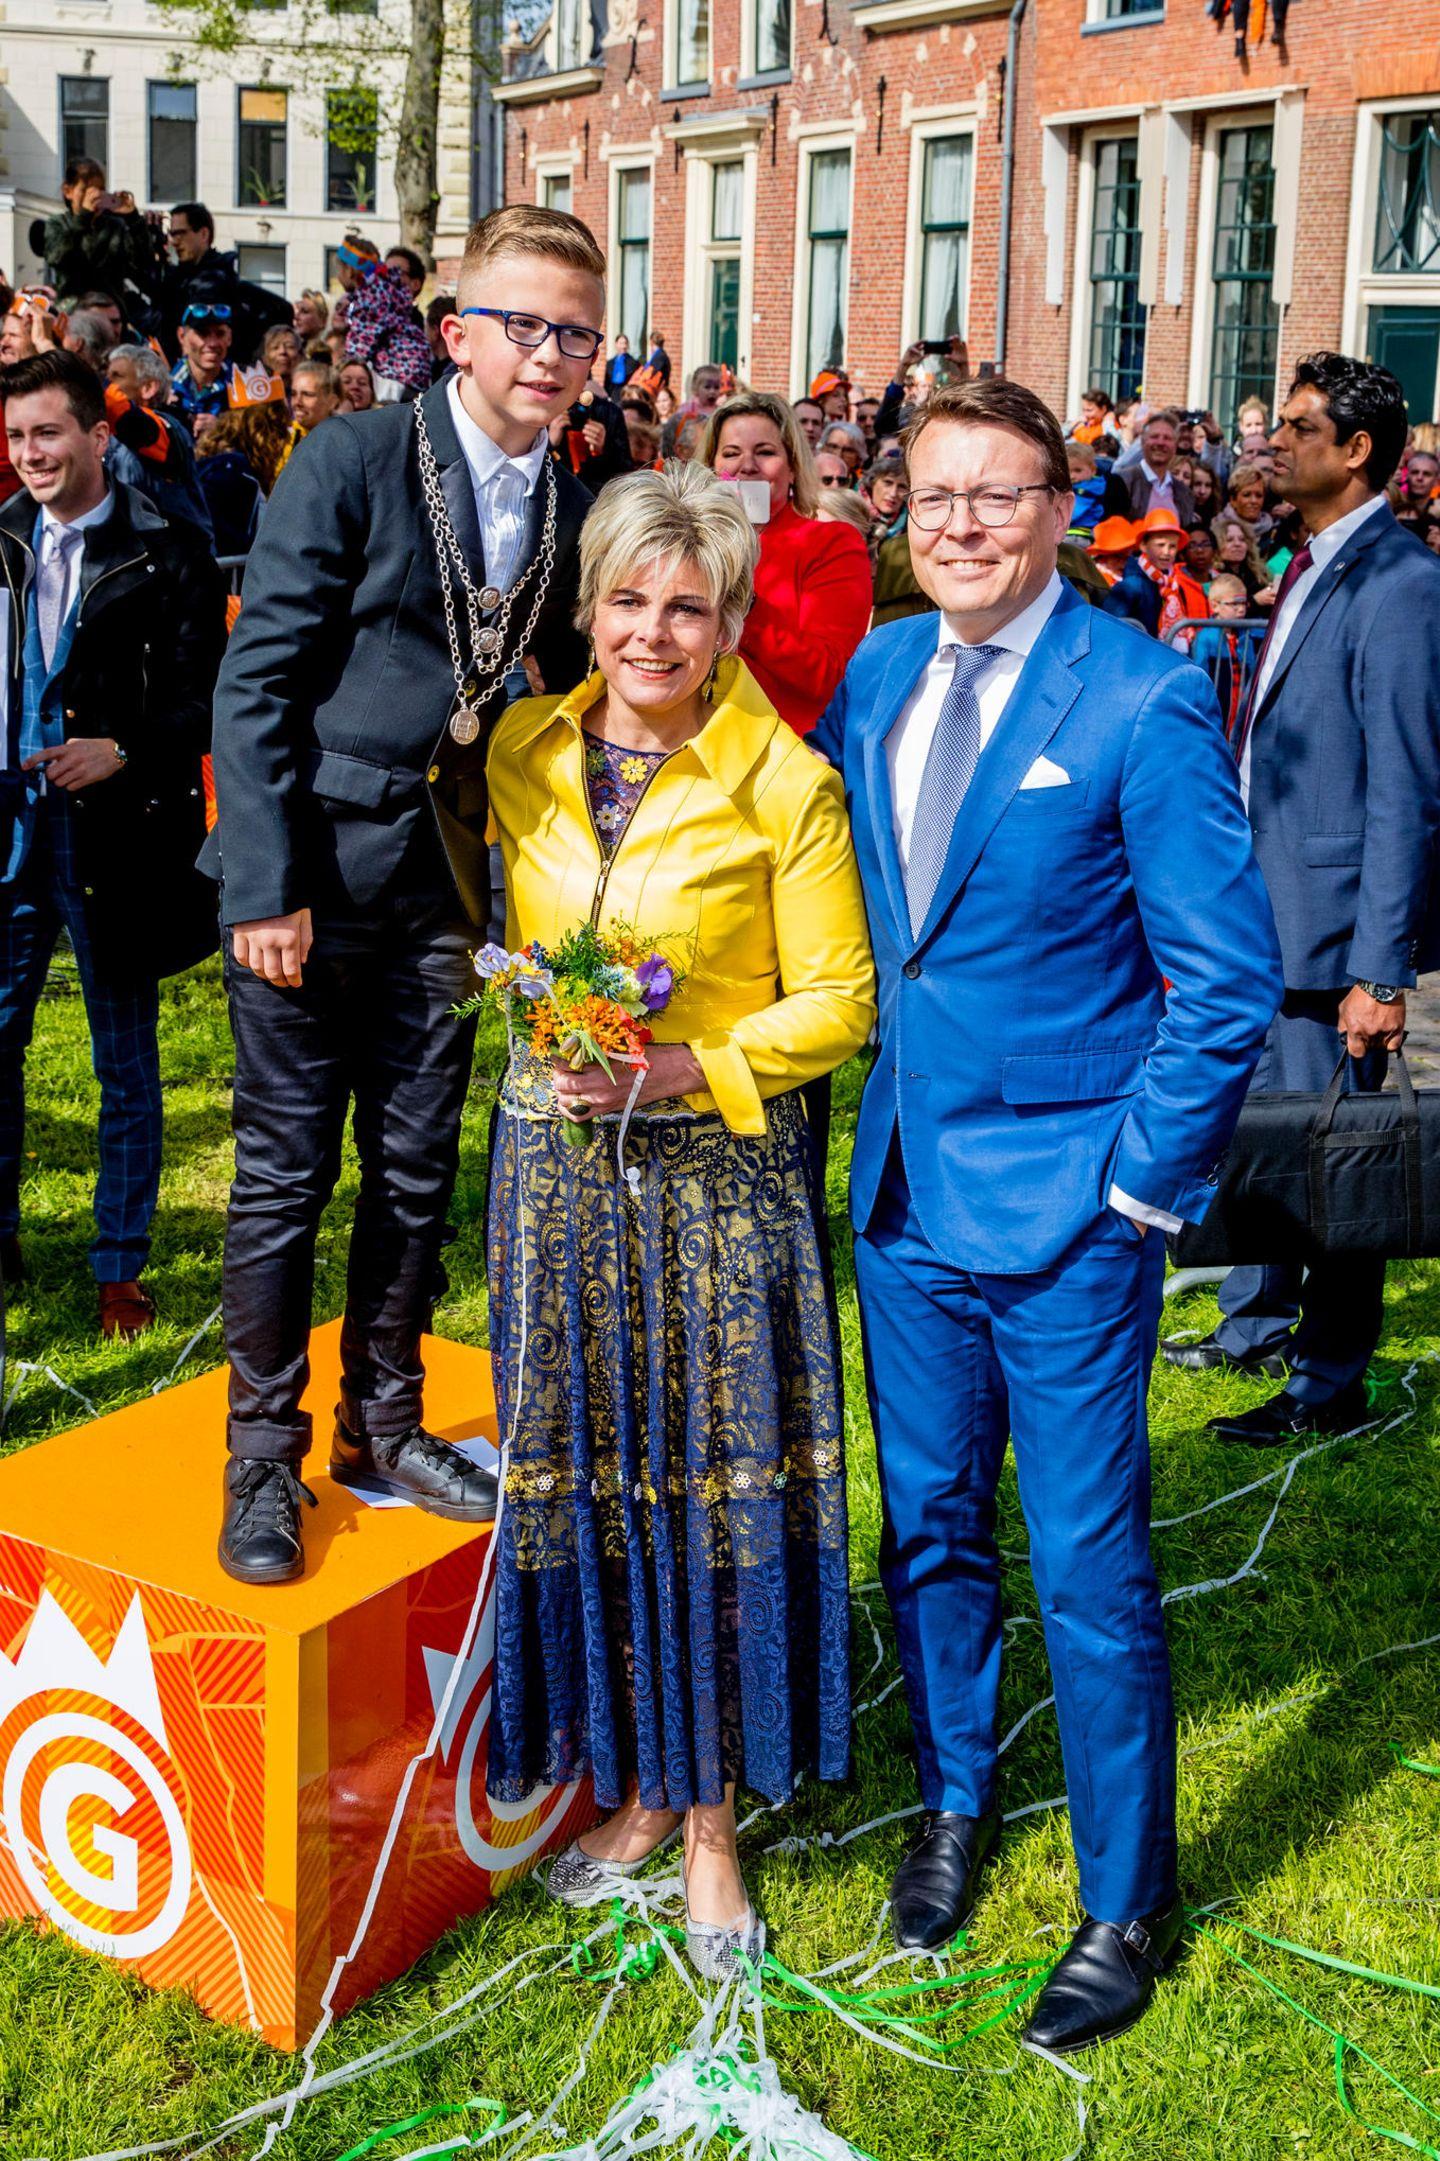 27. April 2018  Auch Prinzessin Laurentien, Prinz Constantijn, Bruder von Willem-Alexander, und ihr Sohn Graf Claus-Casimir besuchen Groningen am Königstag.